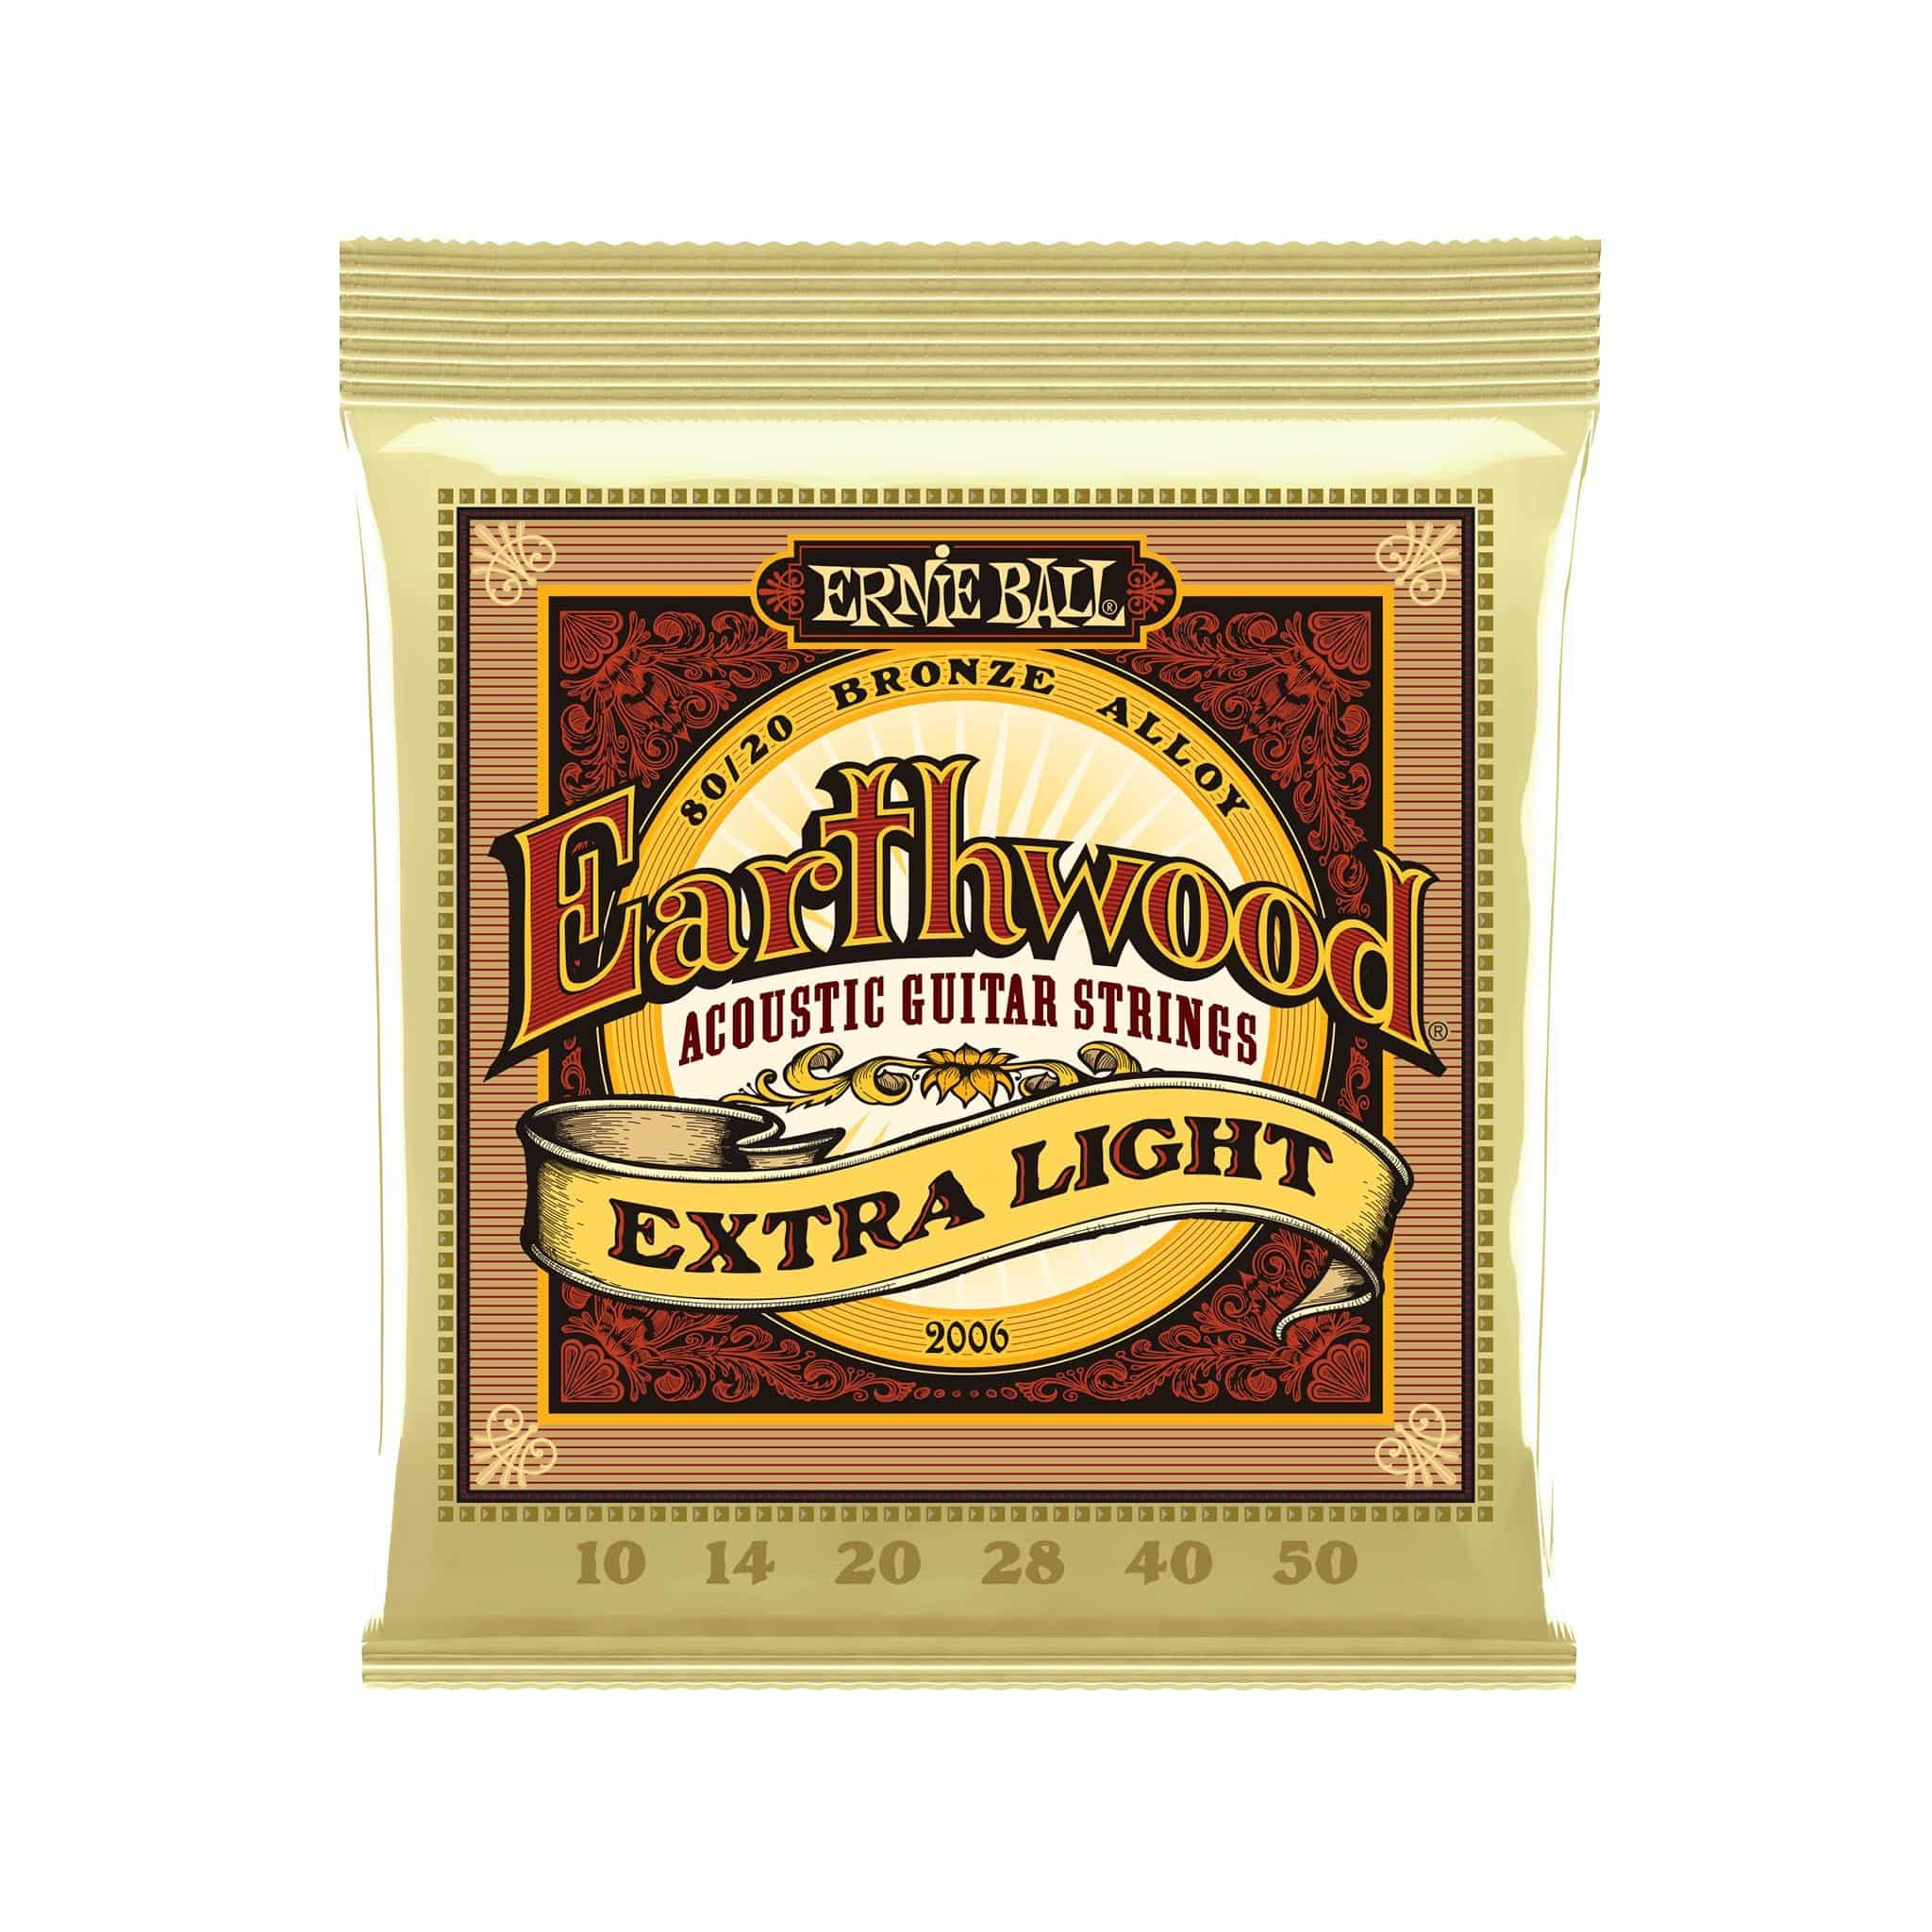 Earthwood-Light-Ernie-Ball